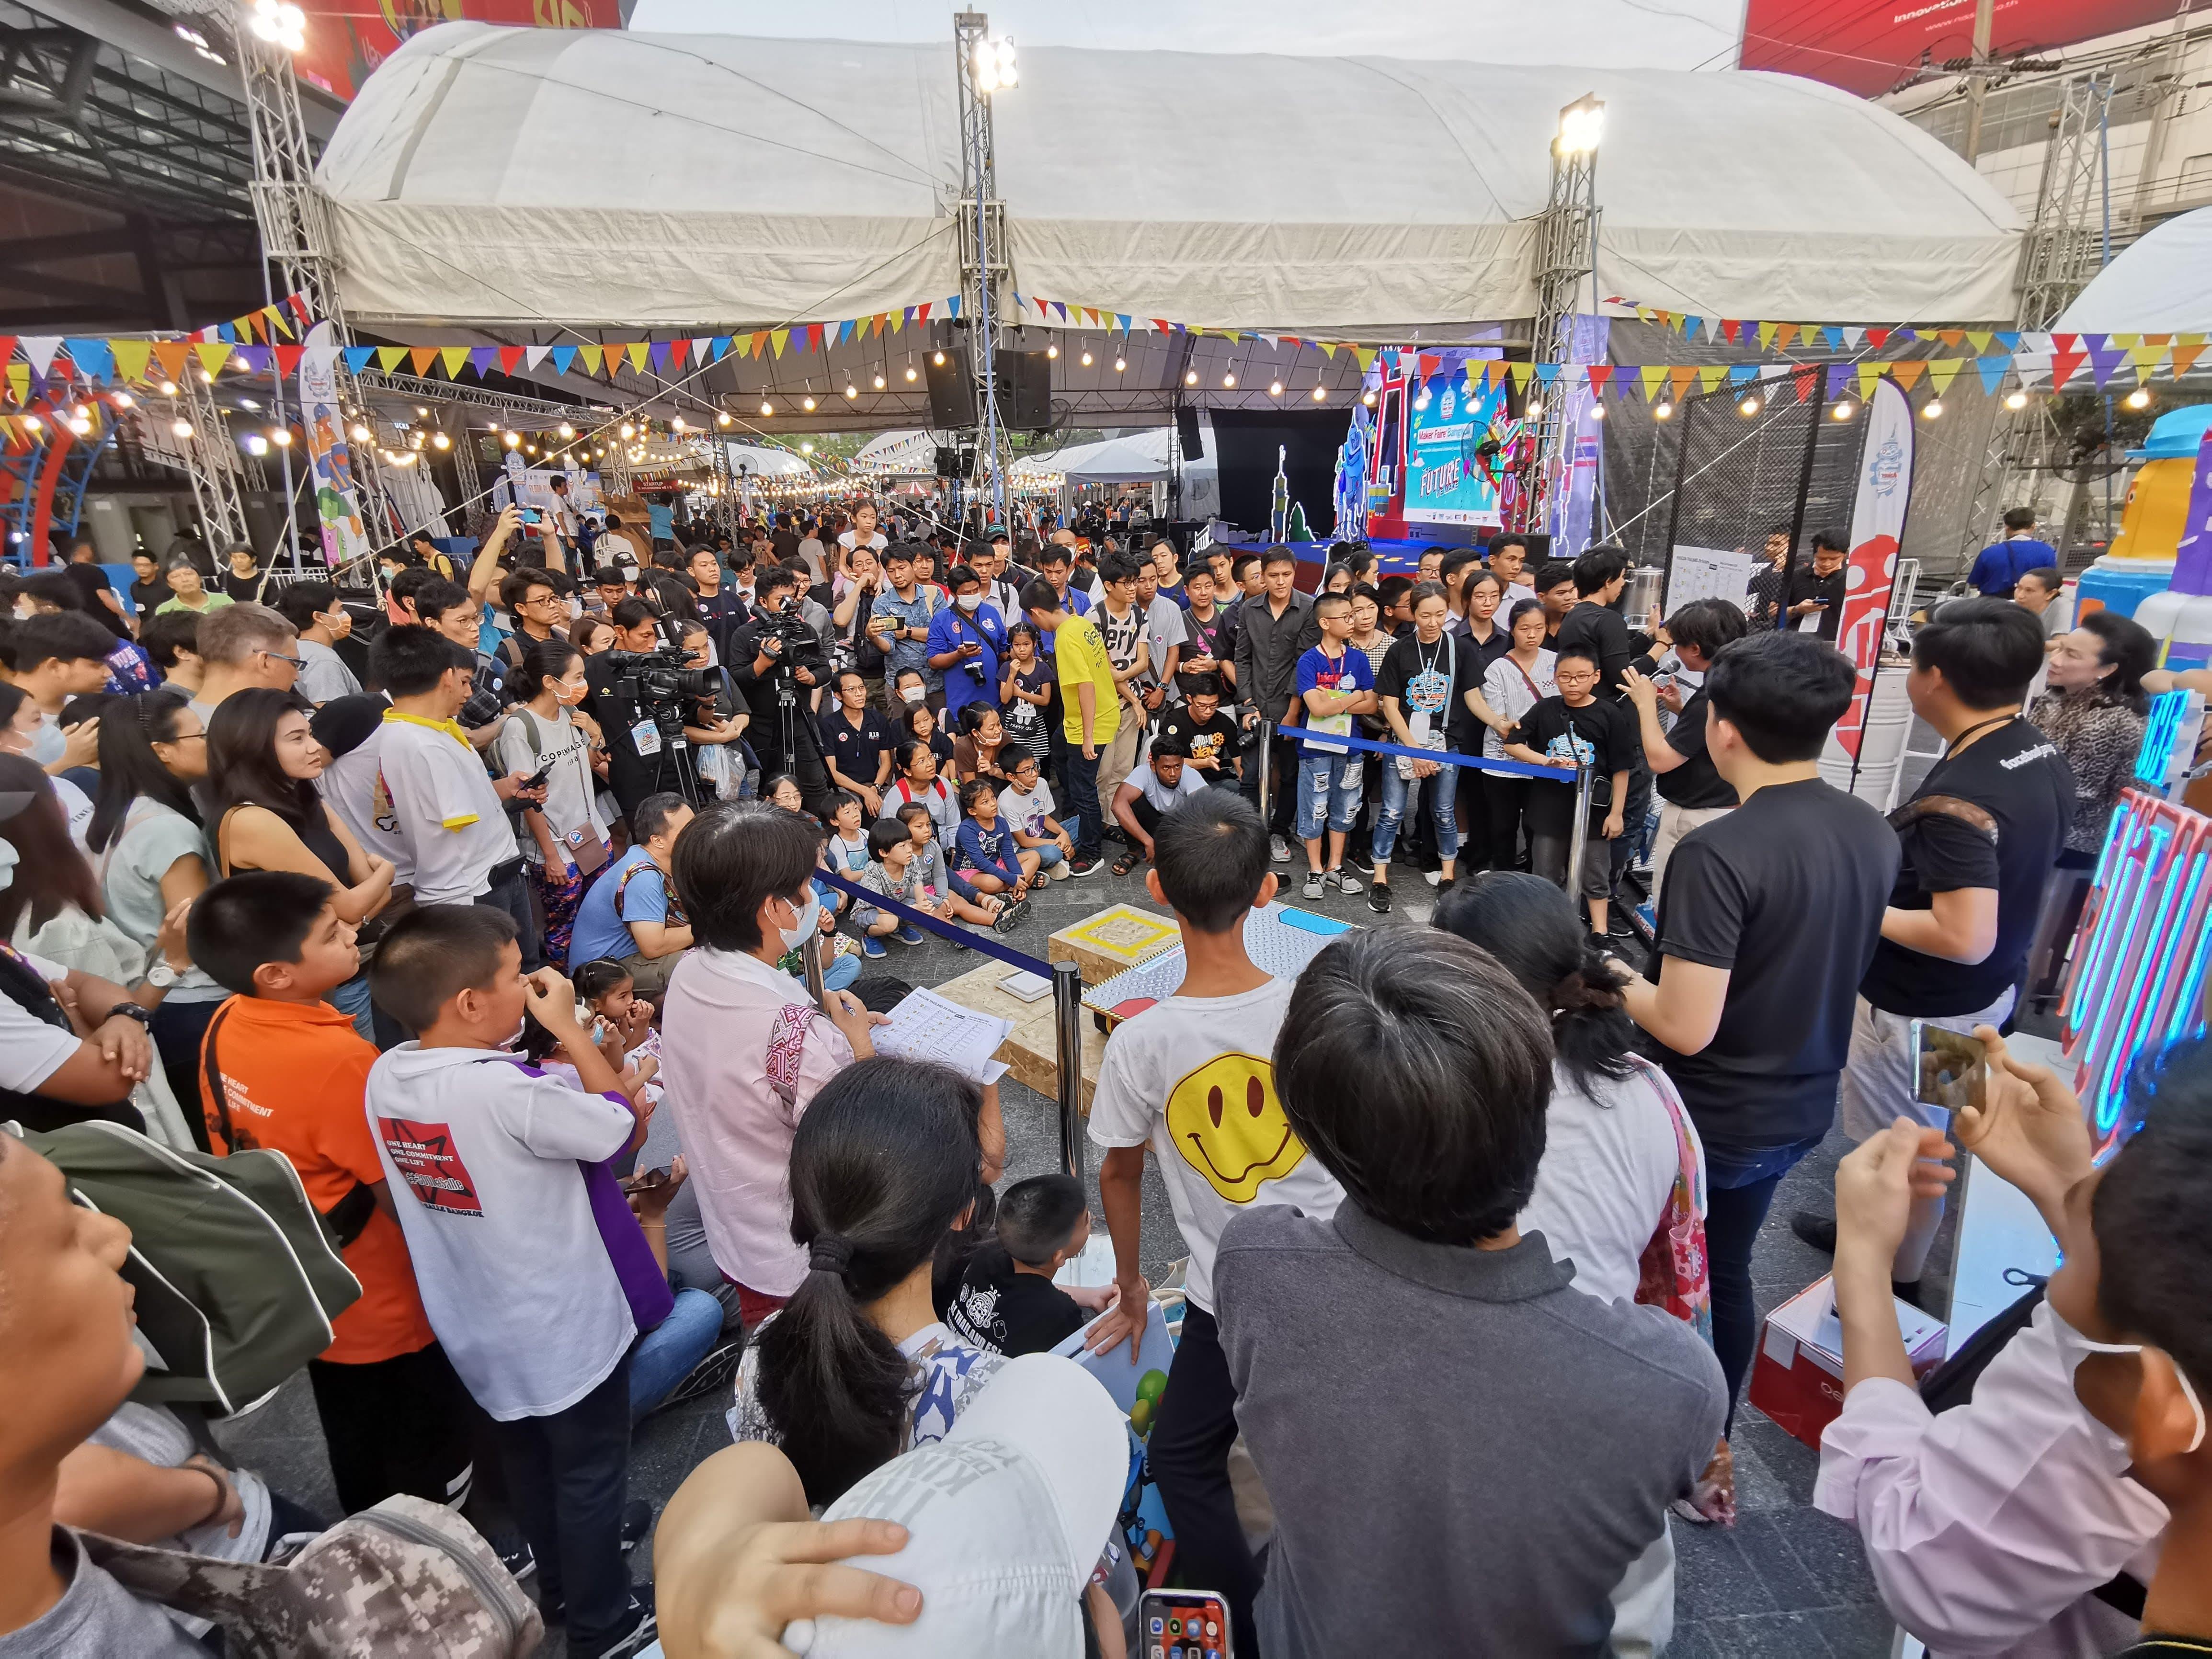 自作ロボット同士の相撲コンテストに群がるタイの子どもたち。IT教育を支えるスタートアップがタイで伸びつつある。